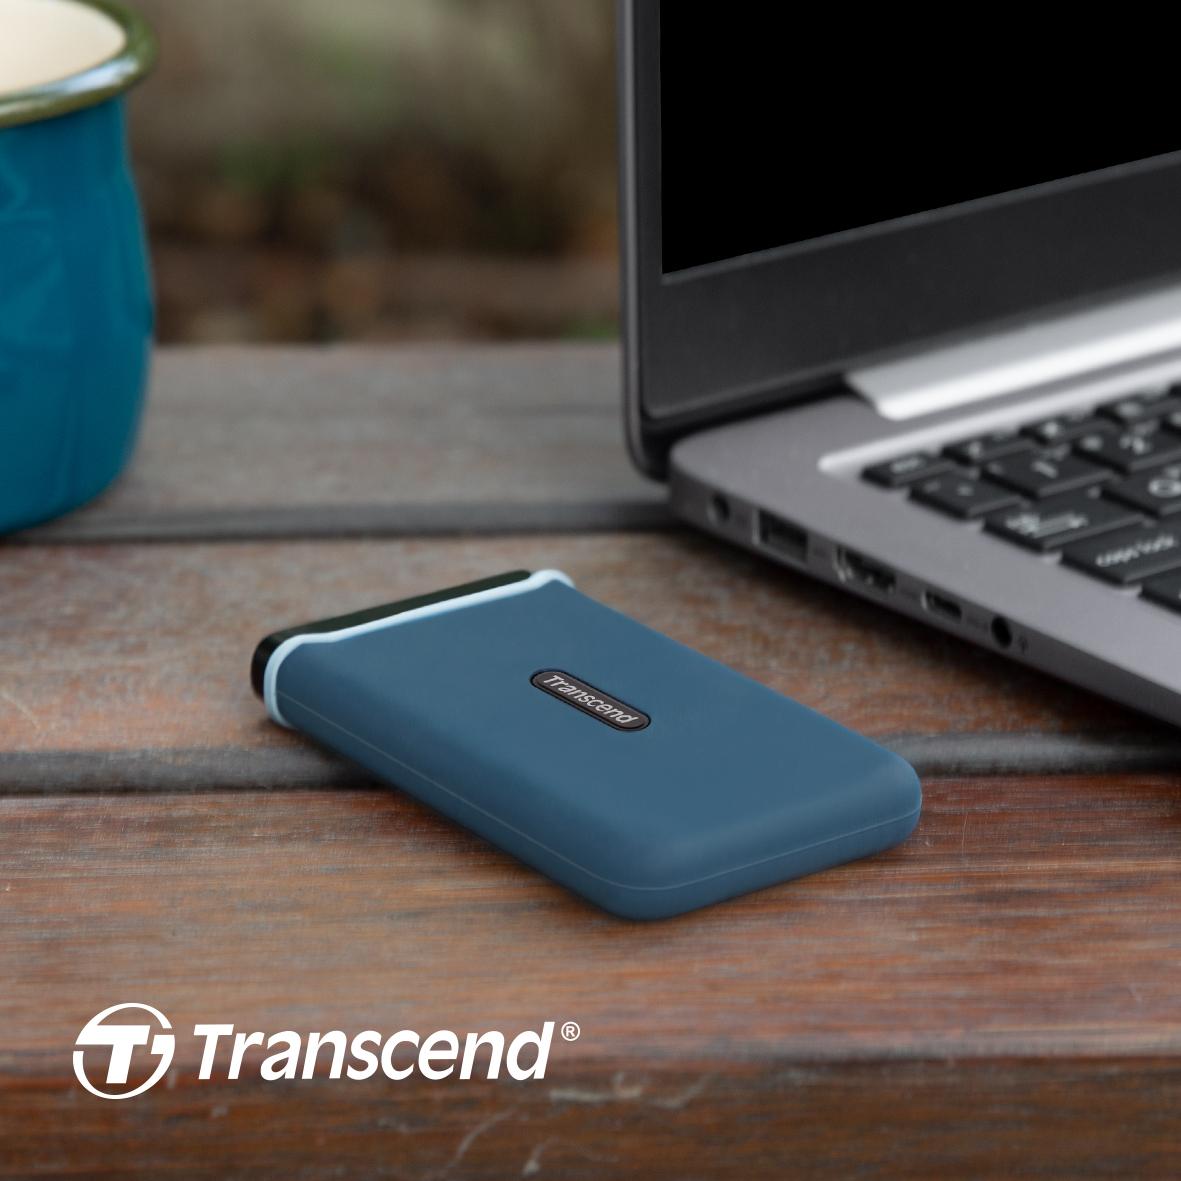 transcend esd350c 2 ทรานส์เซนด์ เปิดตัว SSD แบบพกพา รุ่น ESD350C สำหรับผู้ต้องการความเร็วที่เหนือกว่า